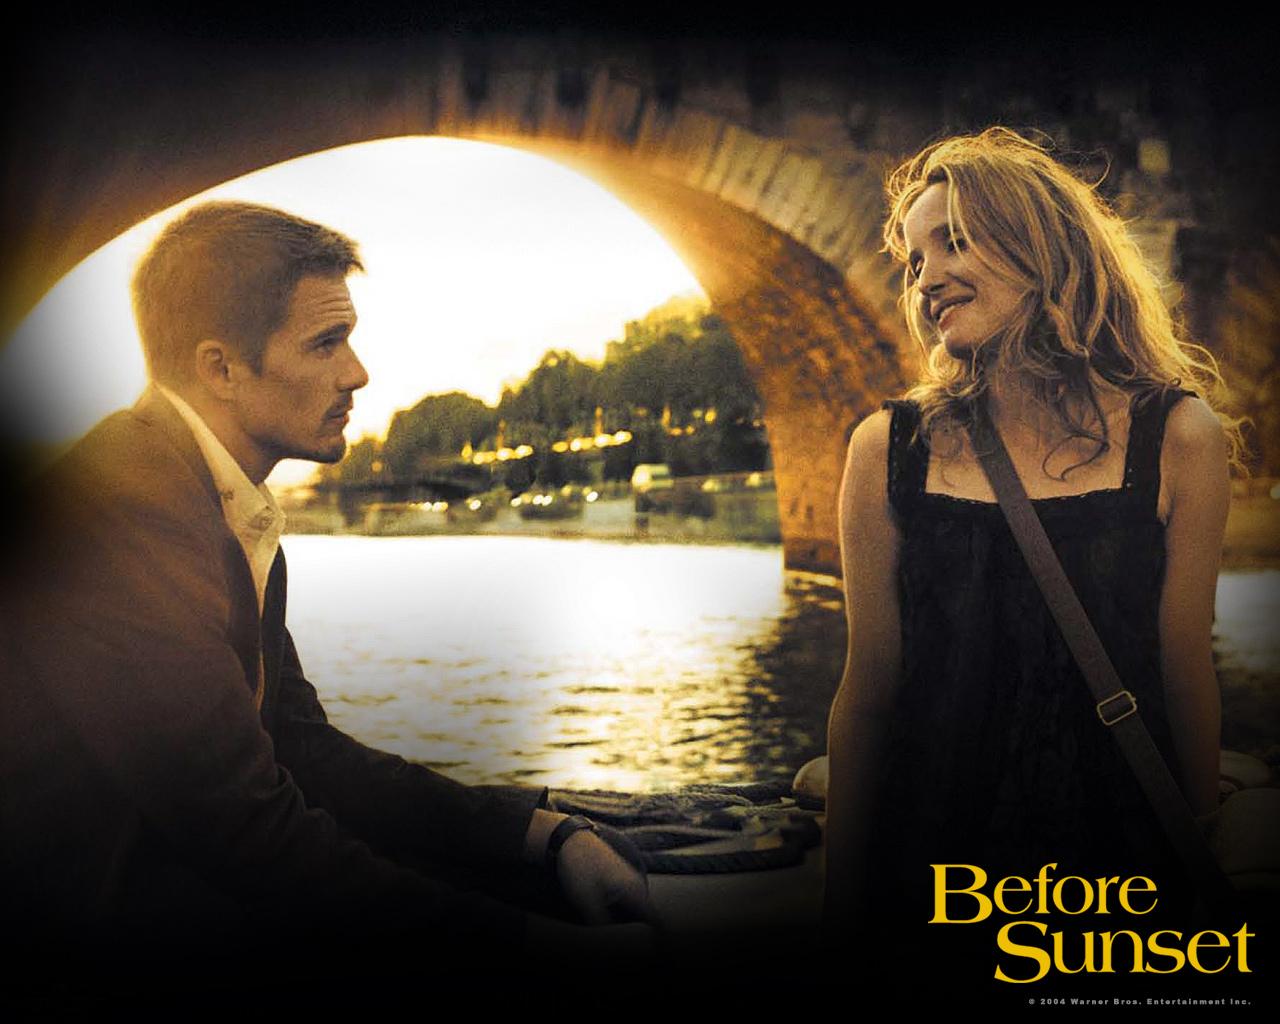 Votre dernier film visionné - Page 3 Before-sunset